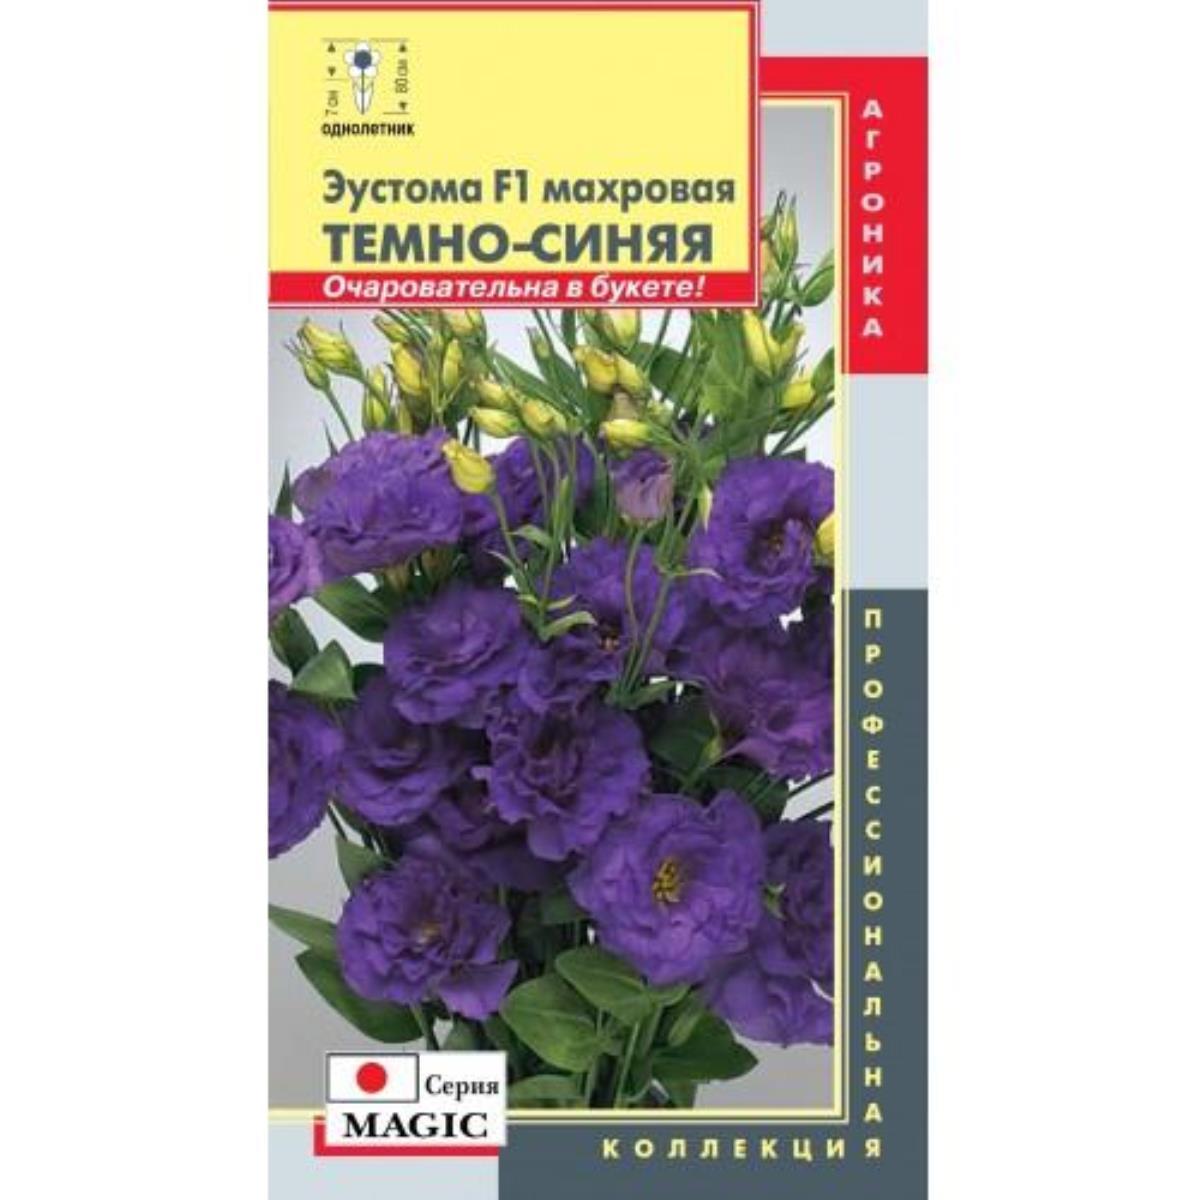 Семена Эустома Мэджик Темно-синяя F1, 10 гранул Профессиональная коллекция Плазмас по цене 98